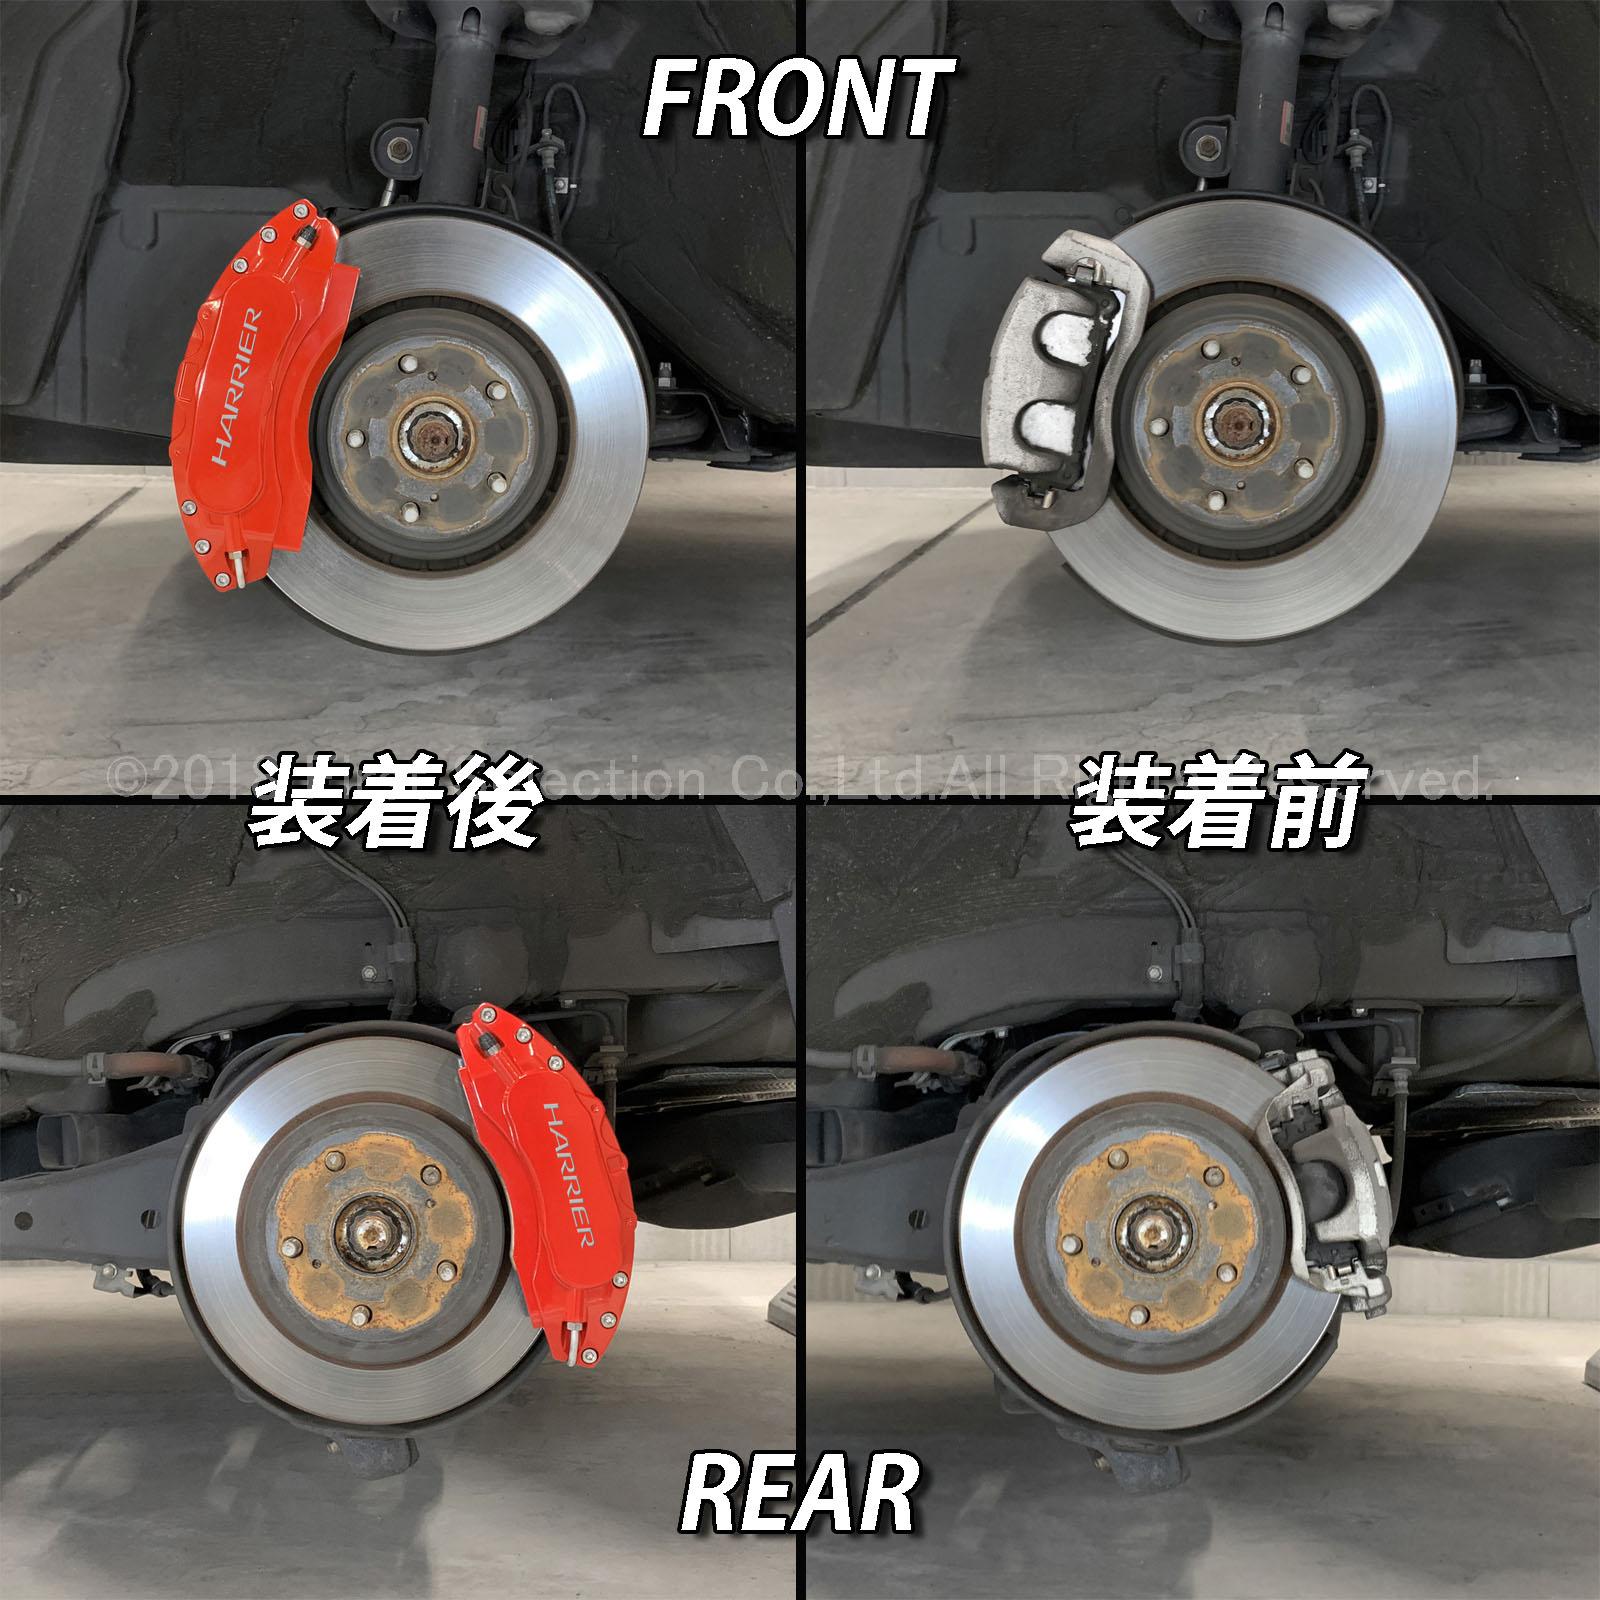 トヨタ車 HARRIERロゴ銀文字 ハリアー60系後期用 高耐久金属製キャリパーカバーセット赤 60ハリアー後期 ASU60W ASU65W AVU65W ZSU60W ZSU65W